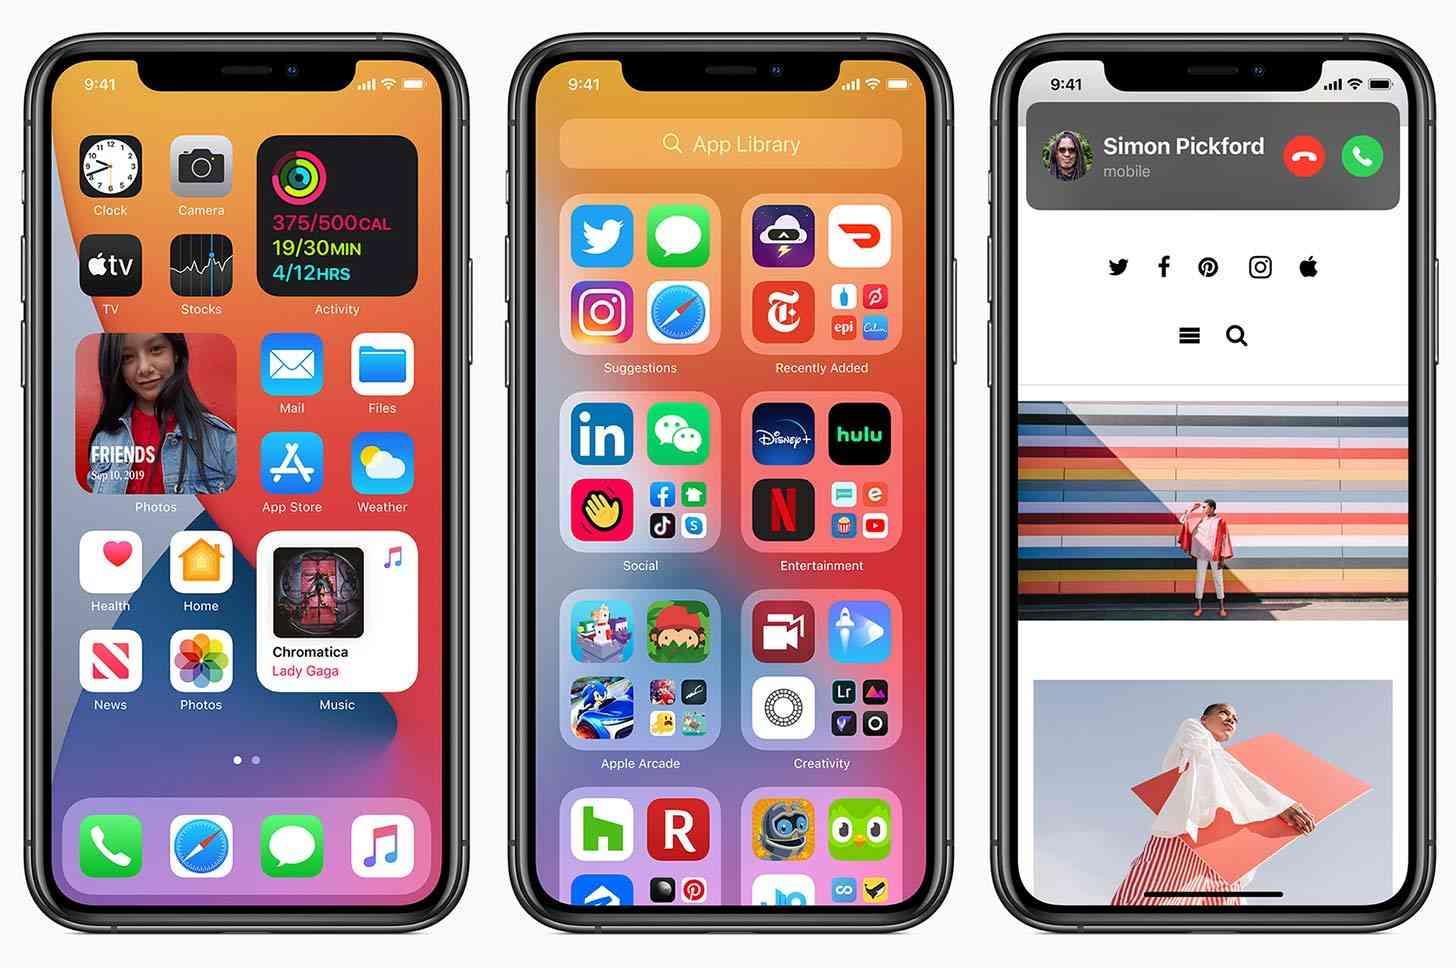 iOS 14 widgets, App Library